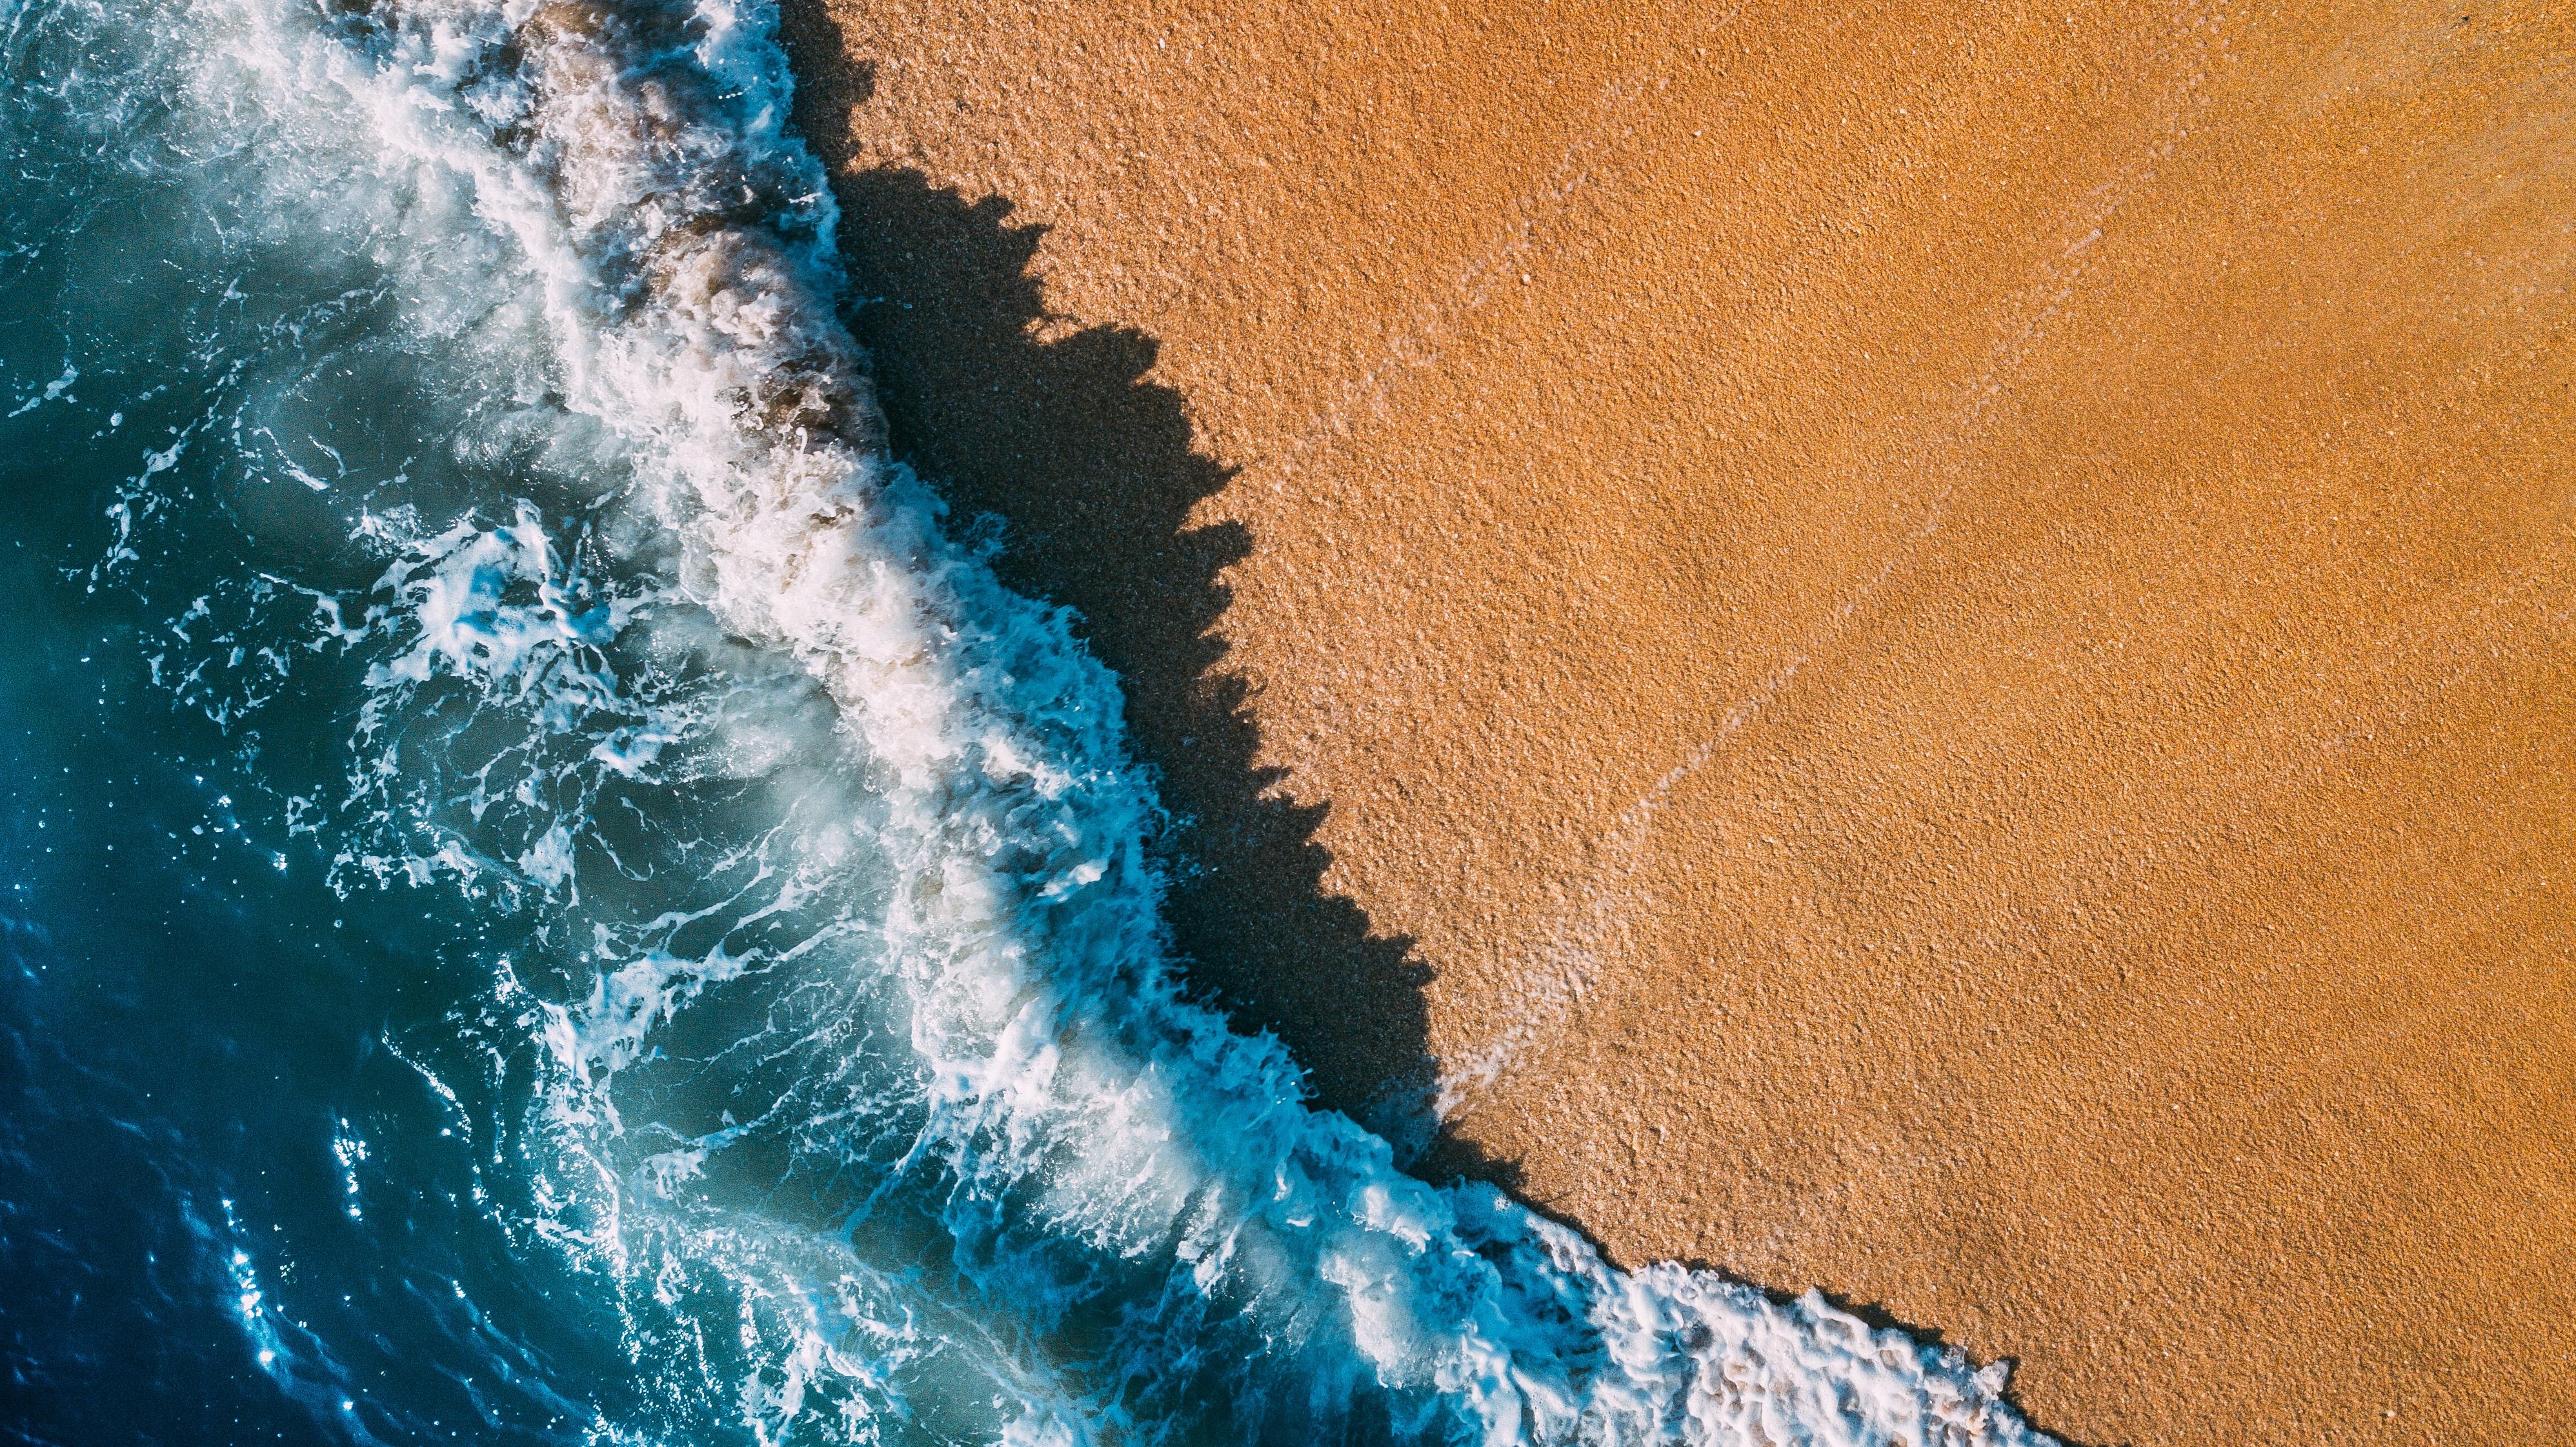 Nature Beach Sand Water 3992x2242